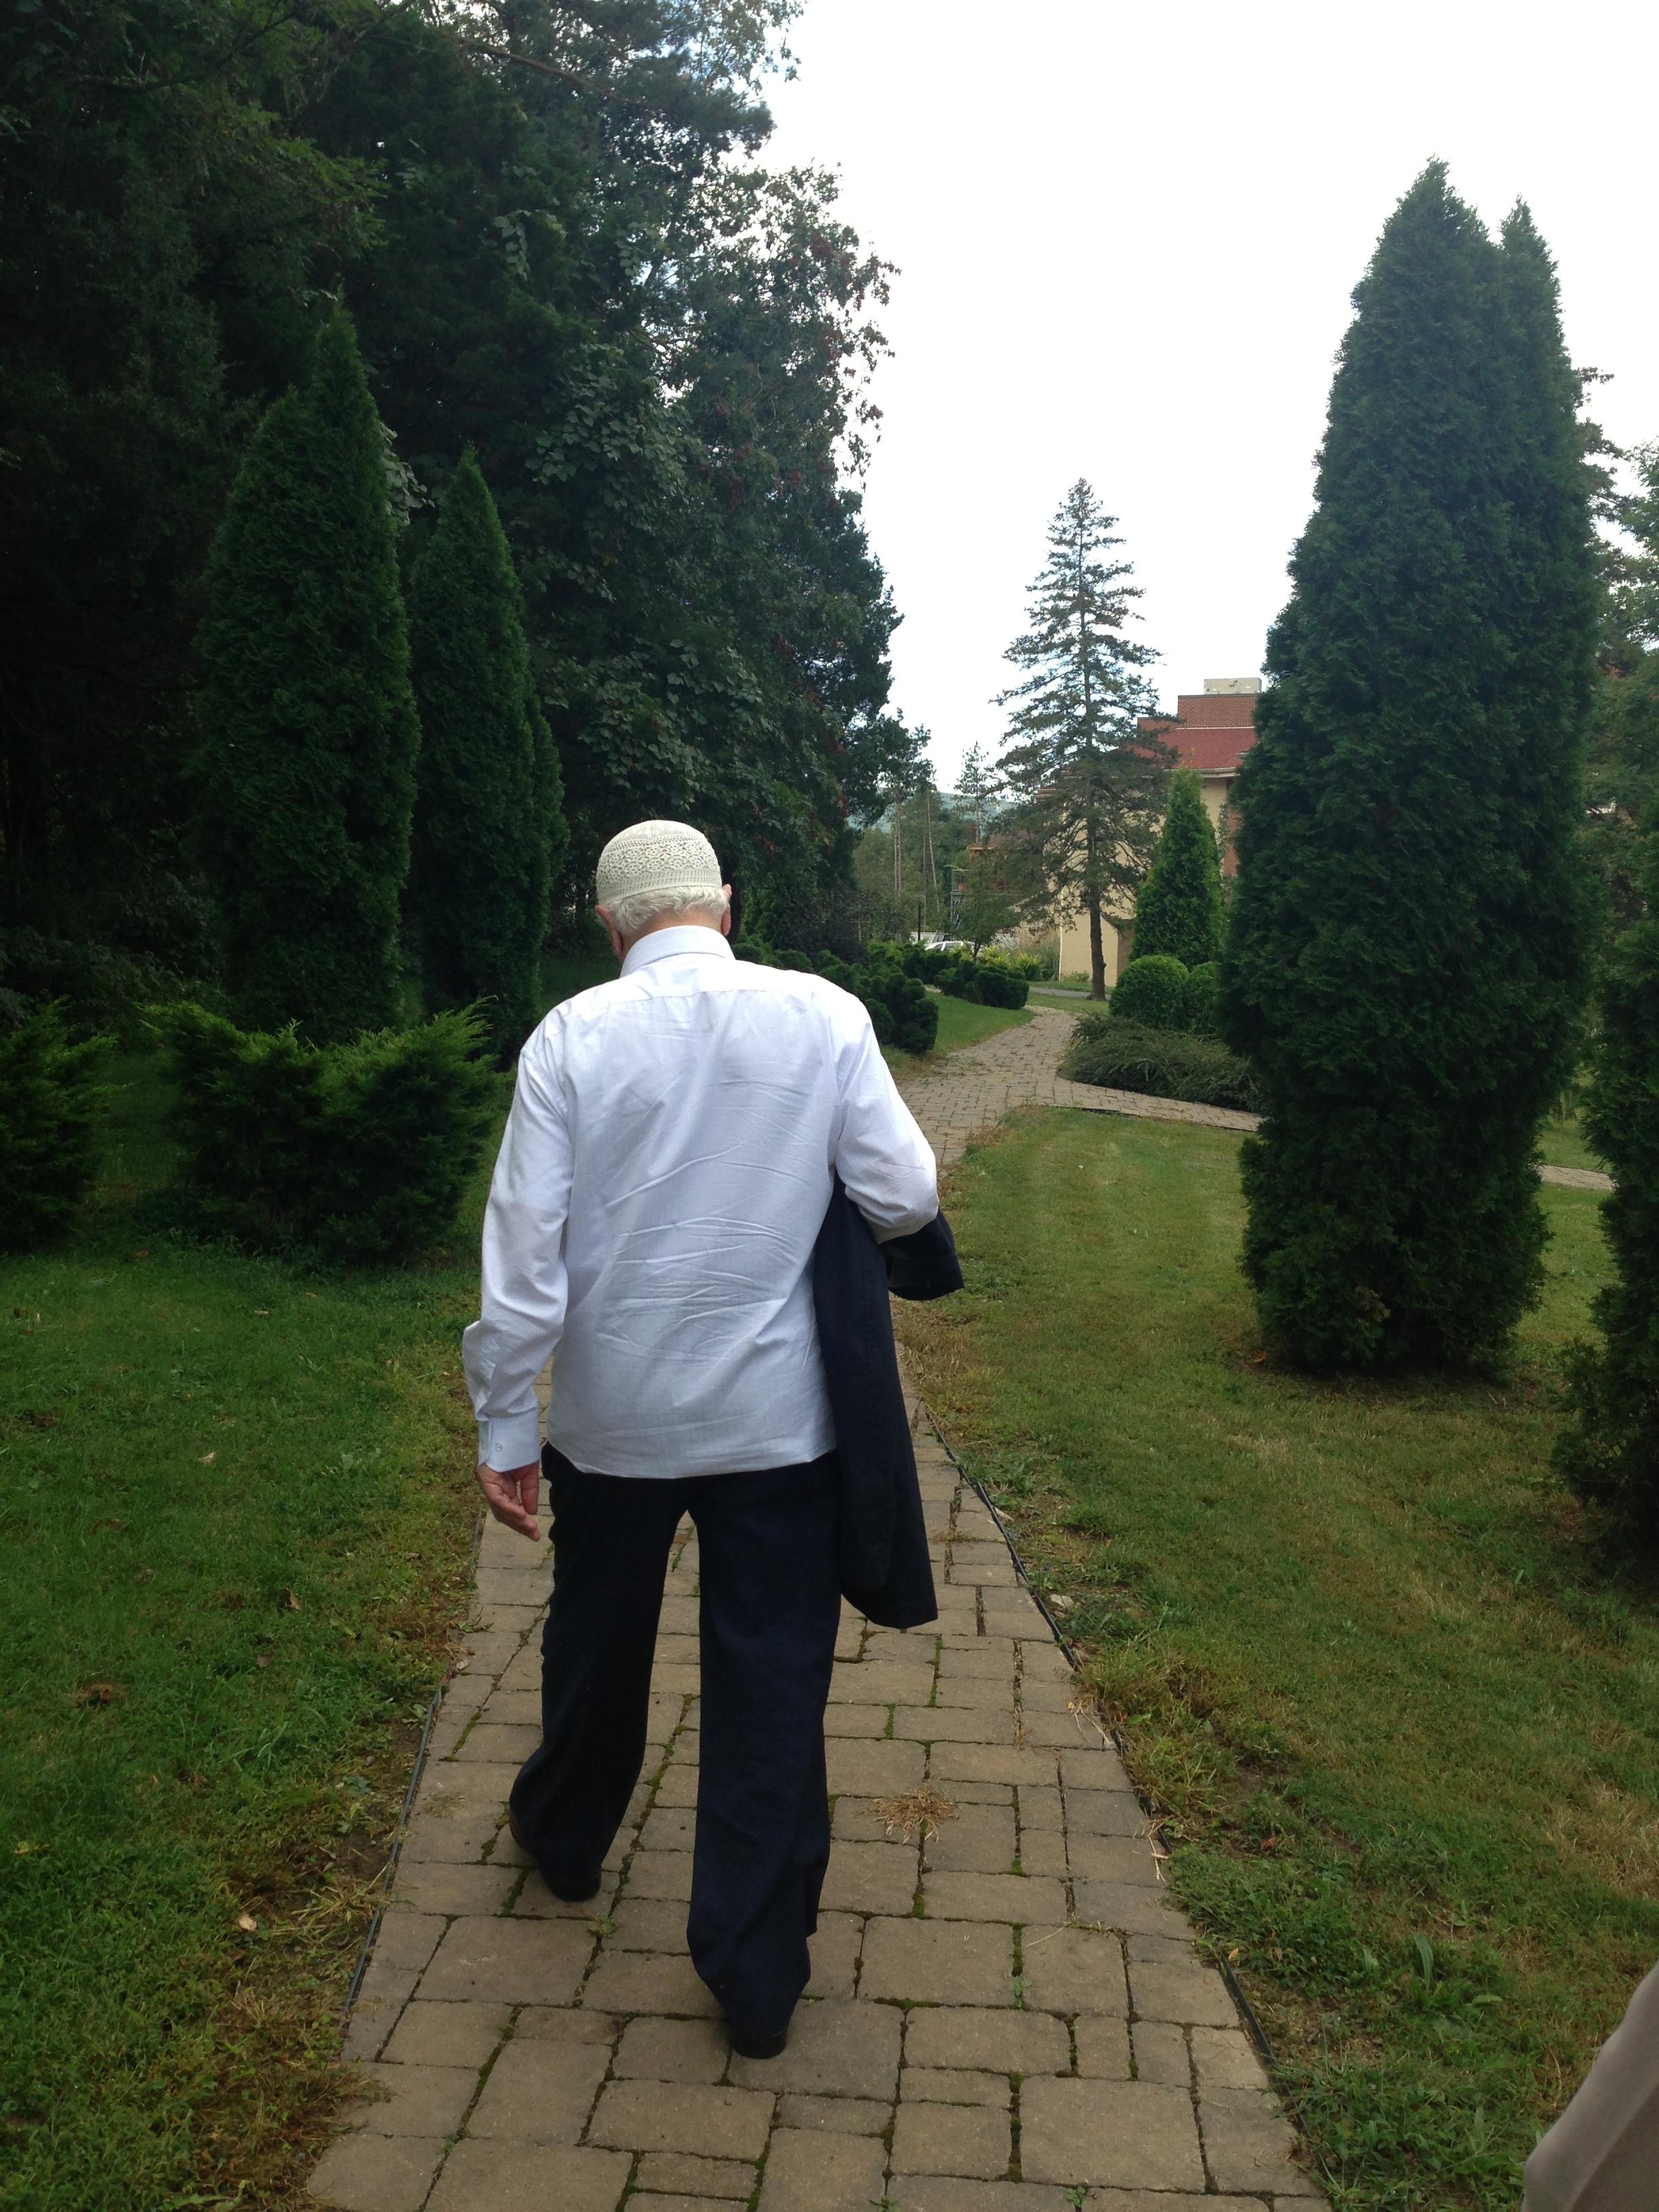 Muhterem Fethullah Gülen Hocaefendi, Cuma namazı için büyük binadaki mescide giderken